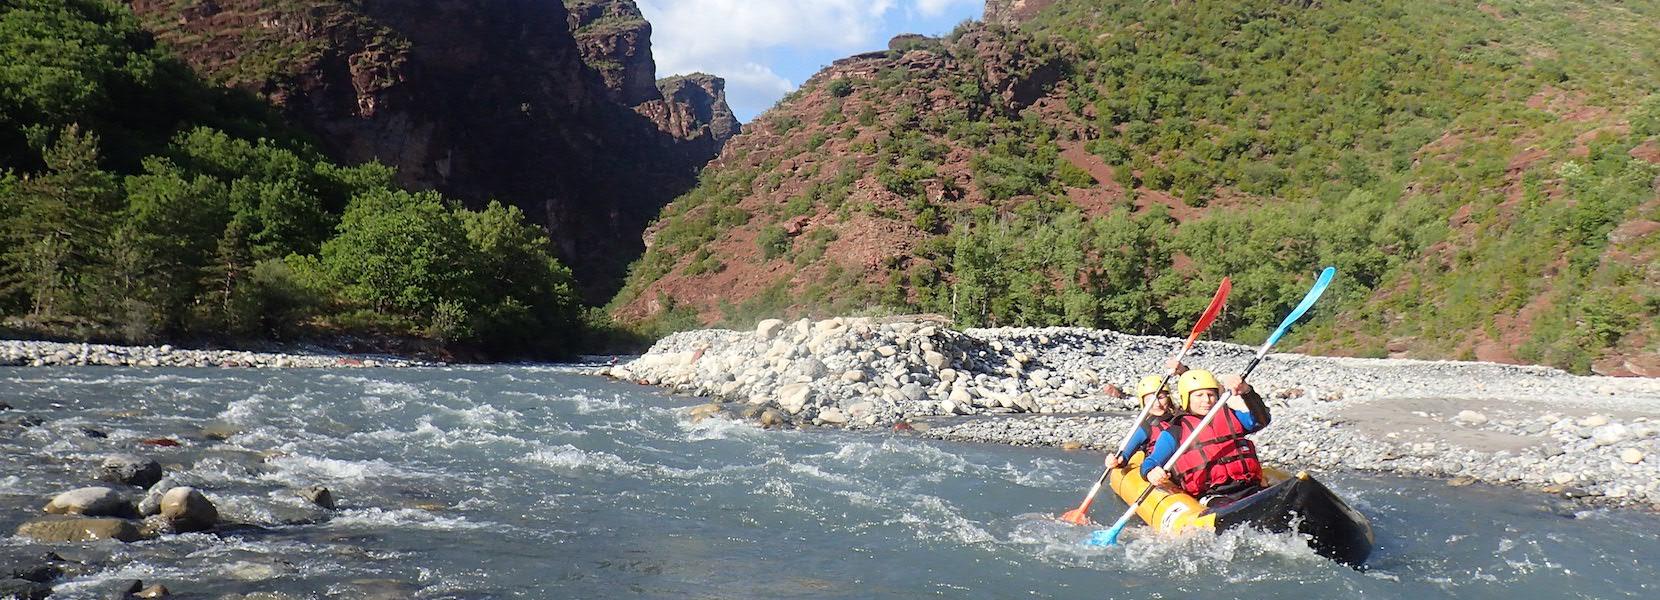 Descente des Gorges de daluis en kayak.